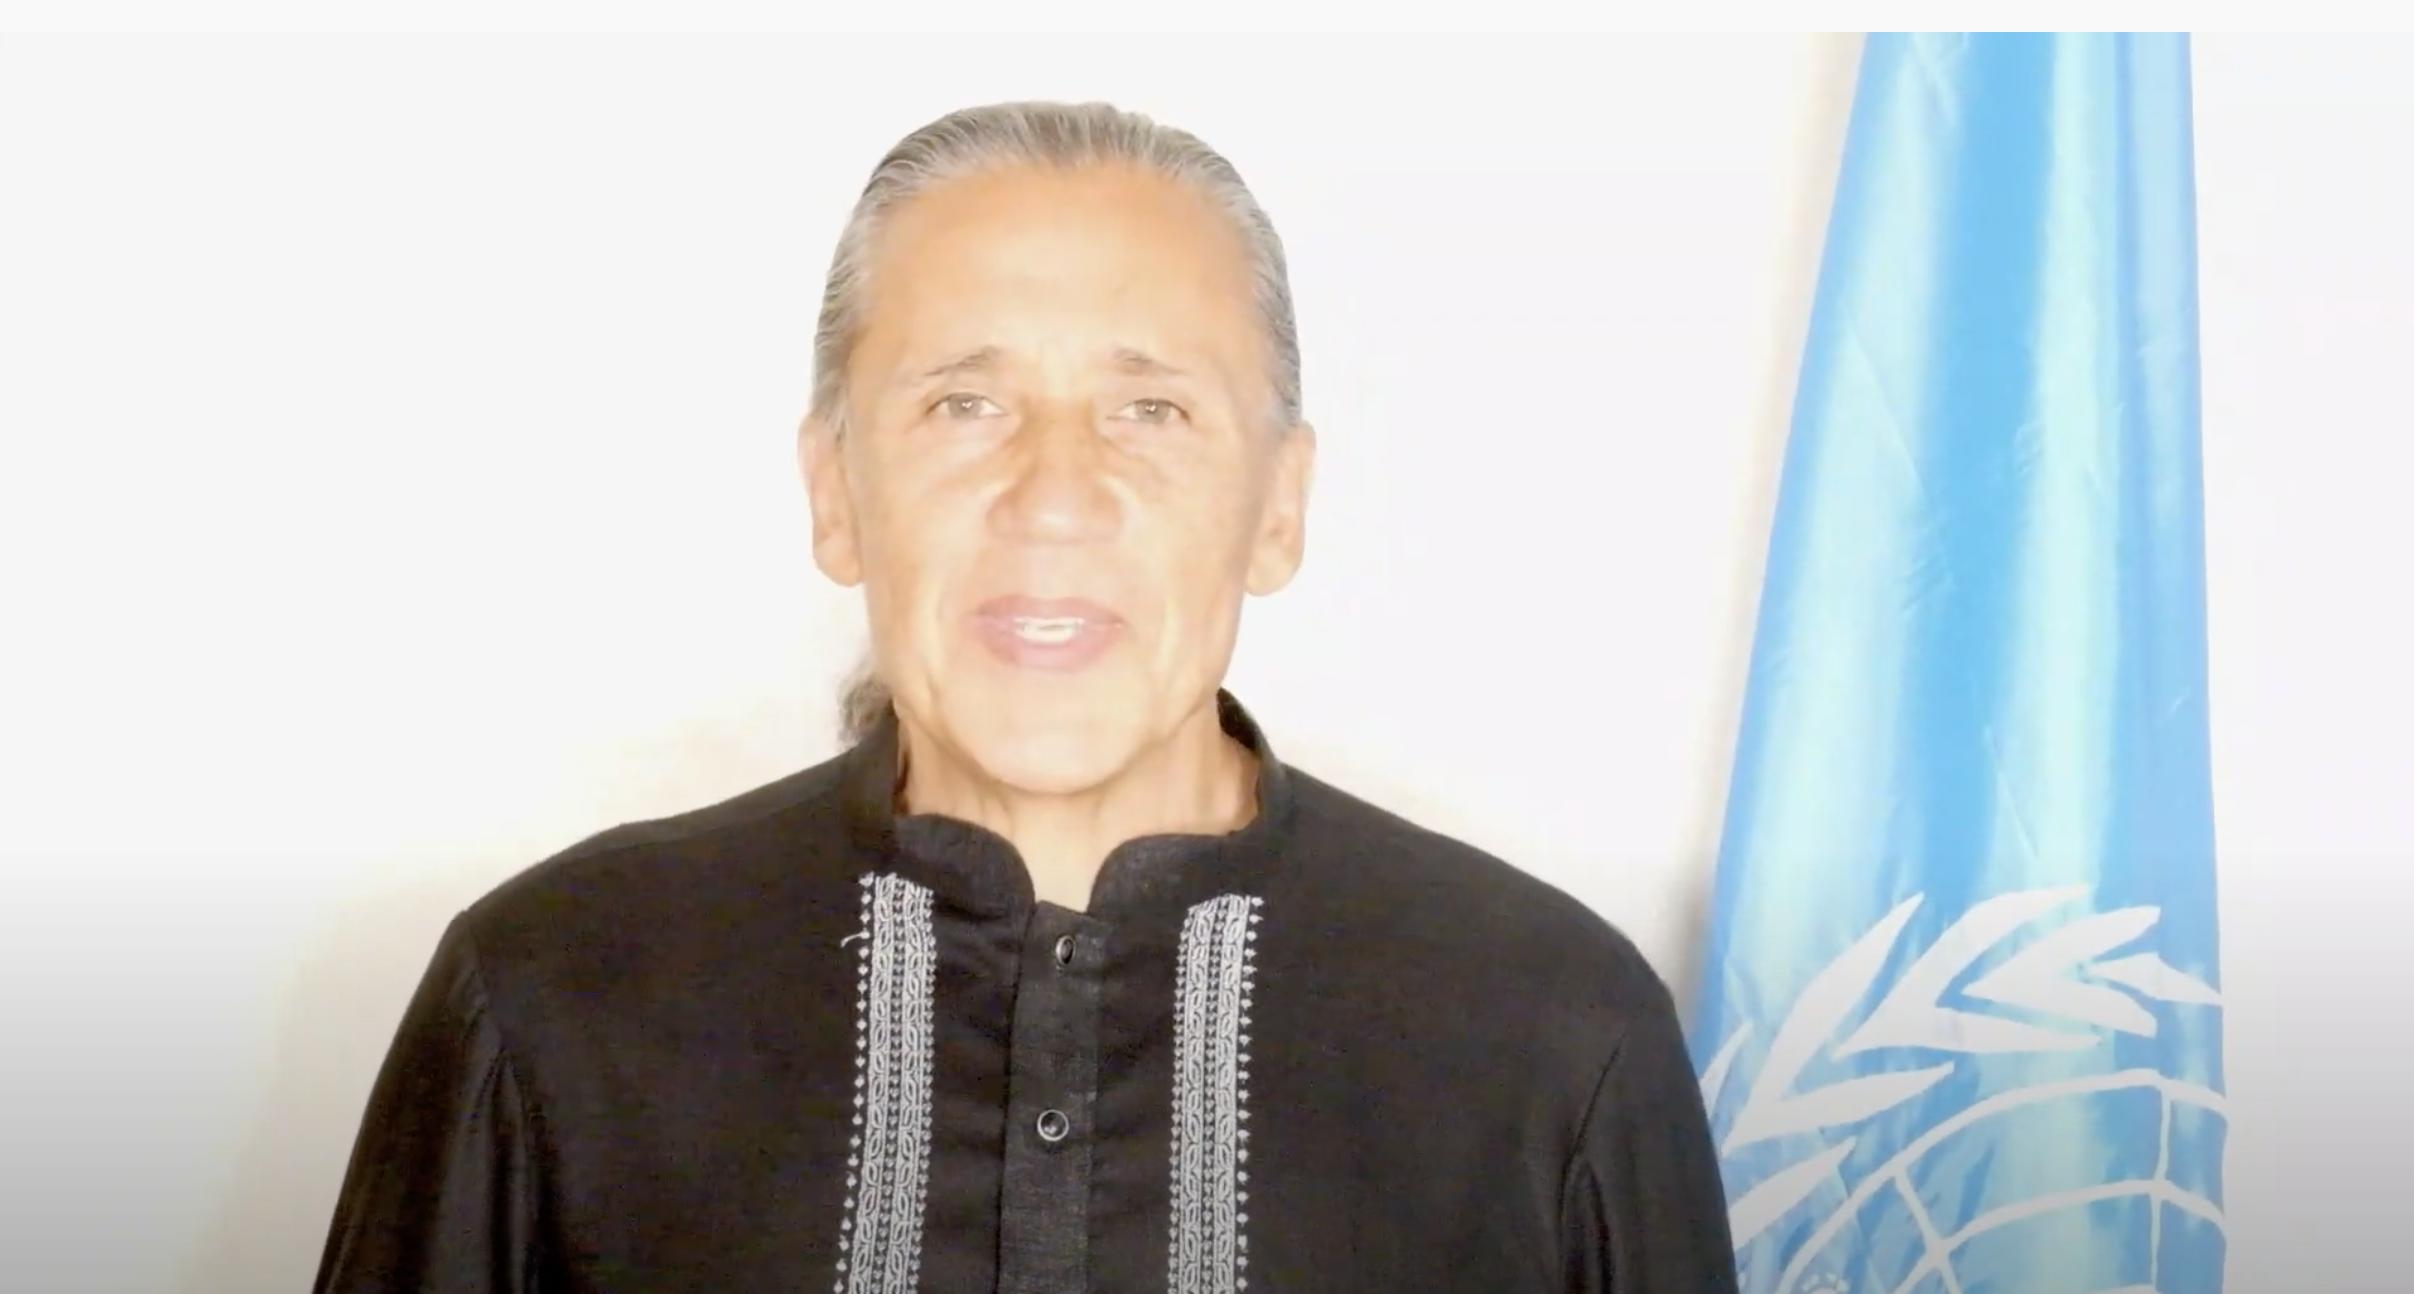 Resident Coordinator Gustavo Gonzalez